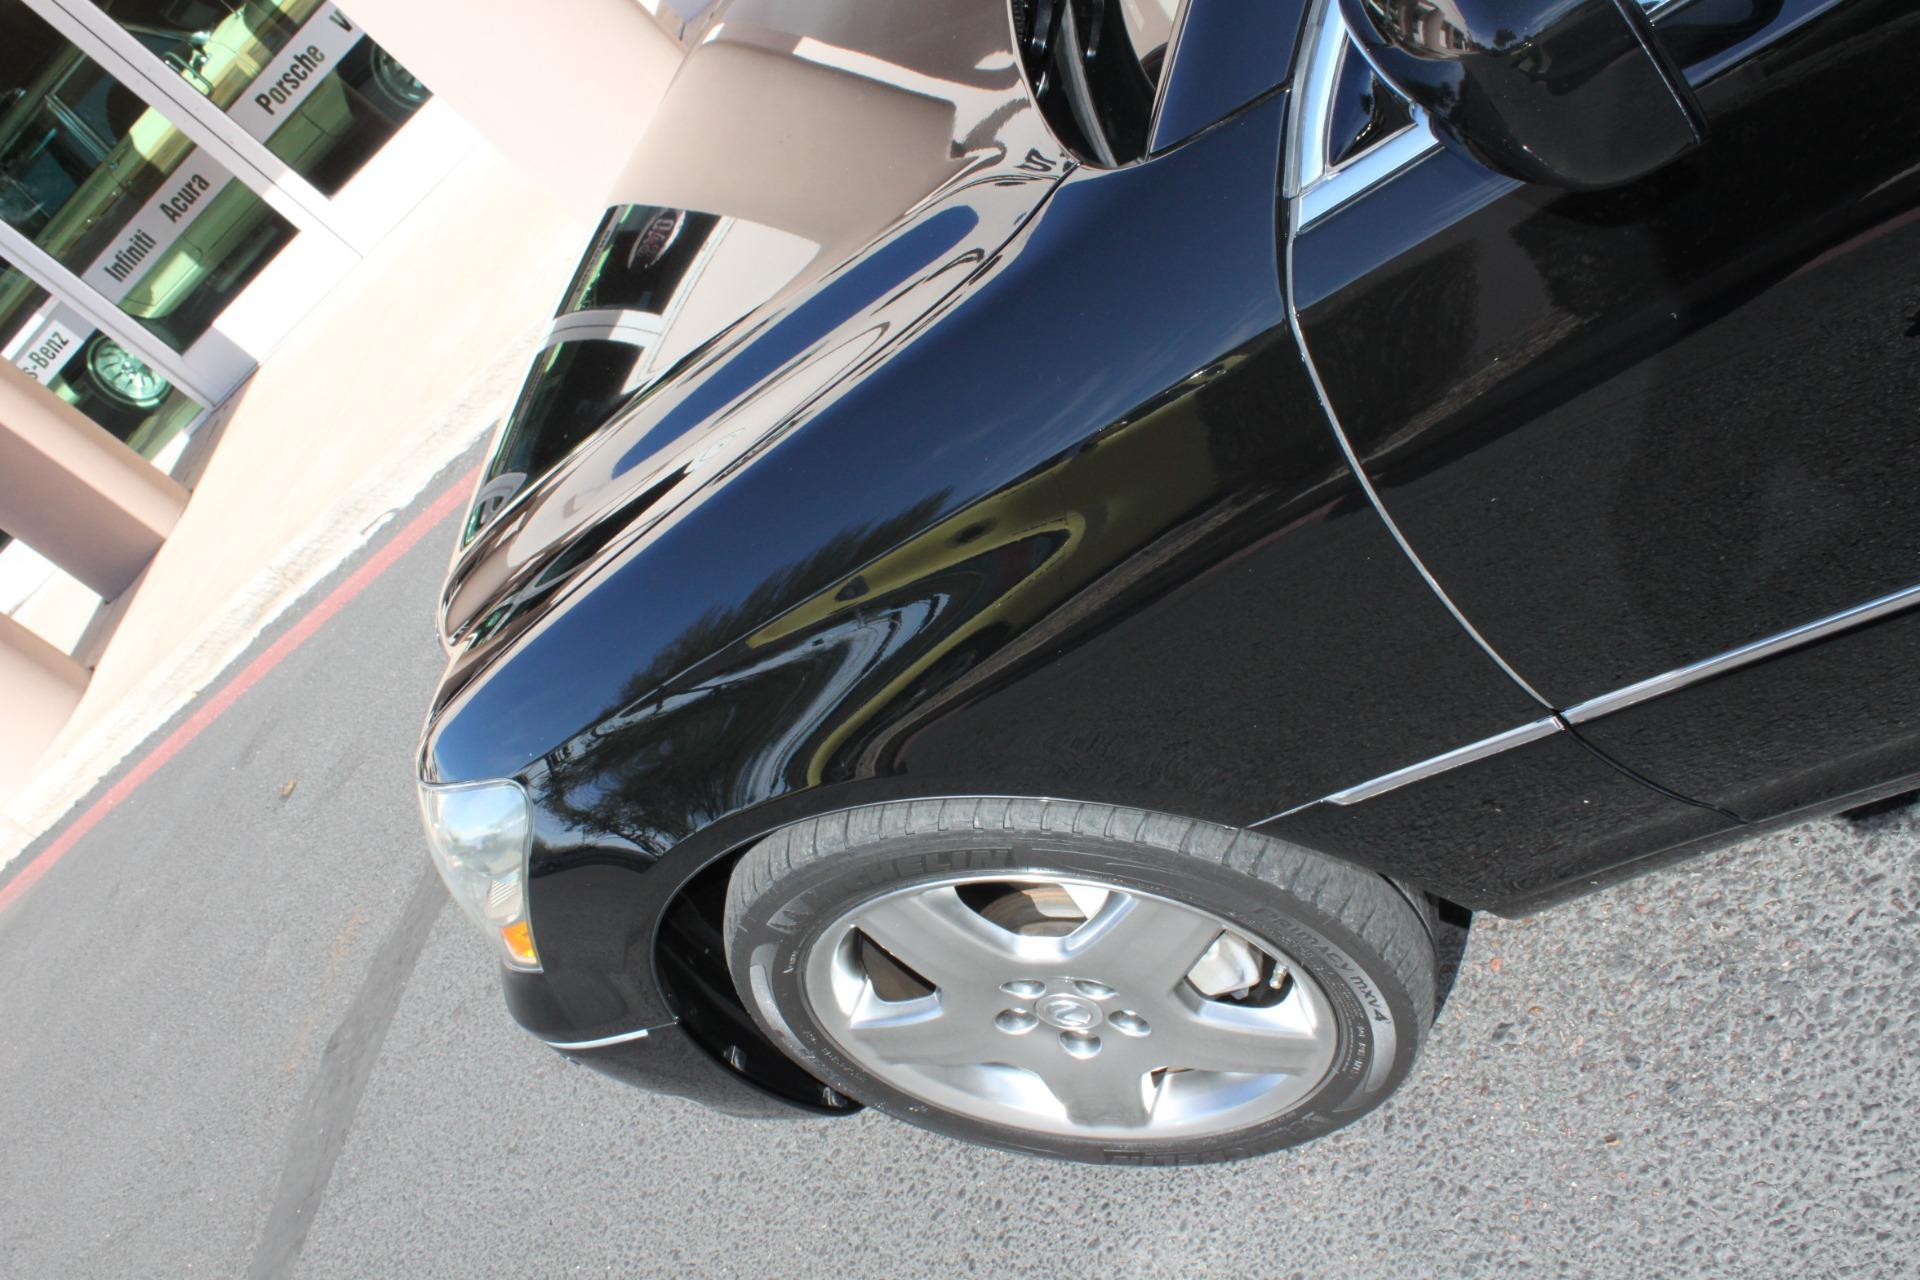 Used-2005-Lexus-LS-430-Land-Cruiser